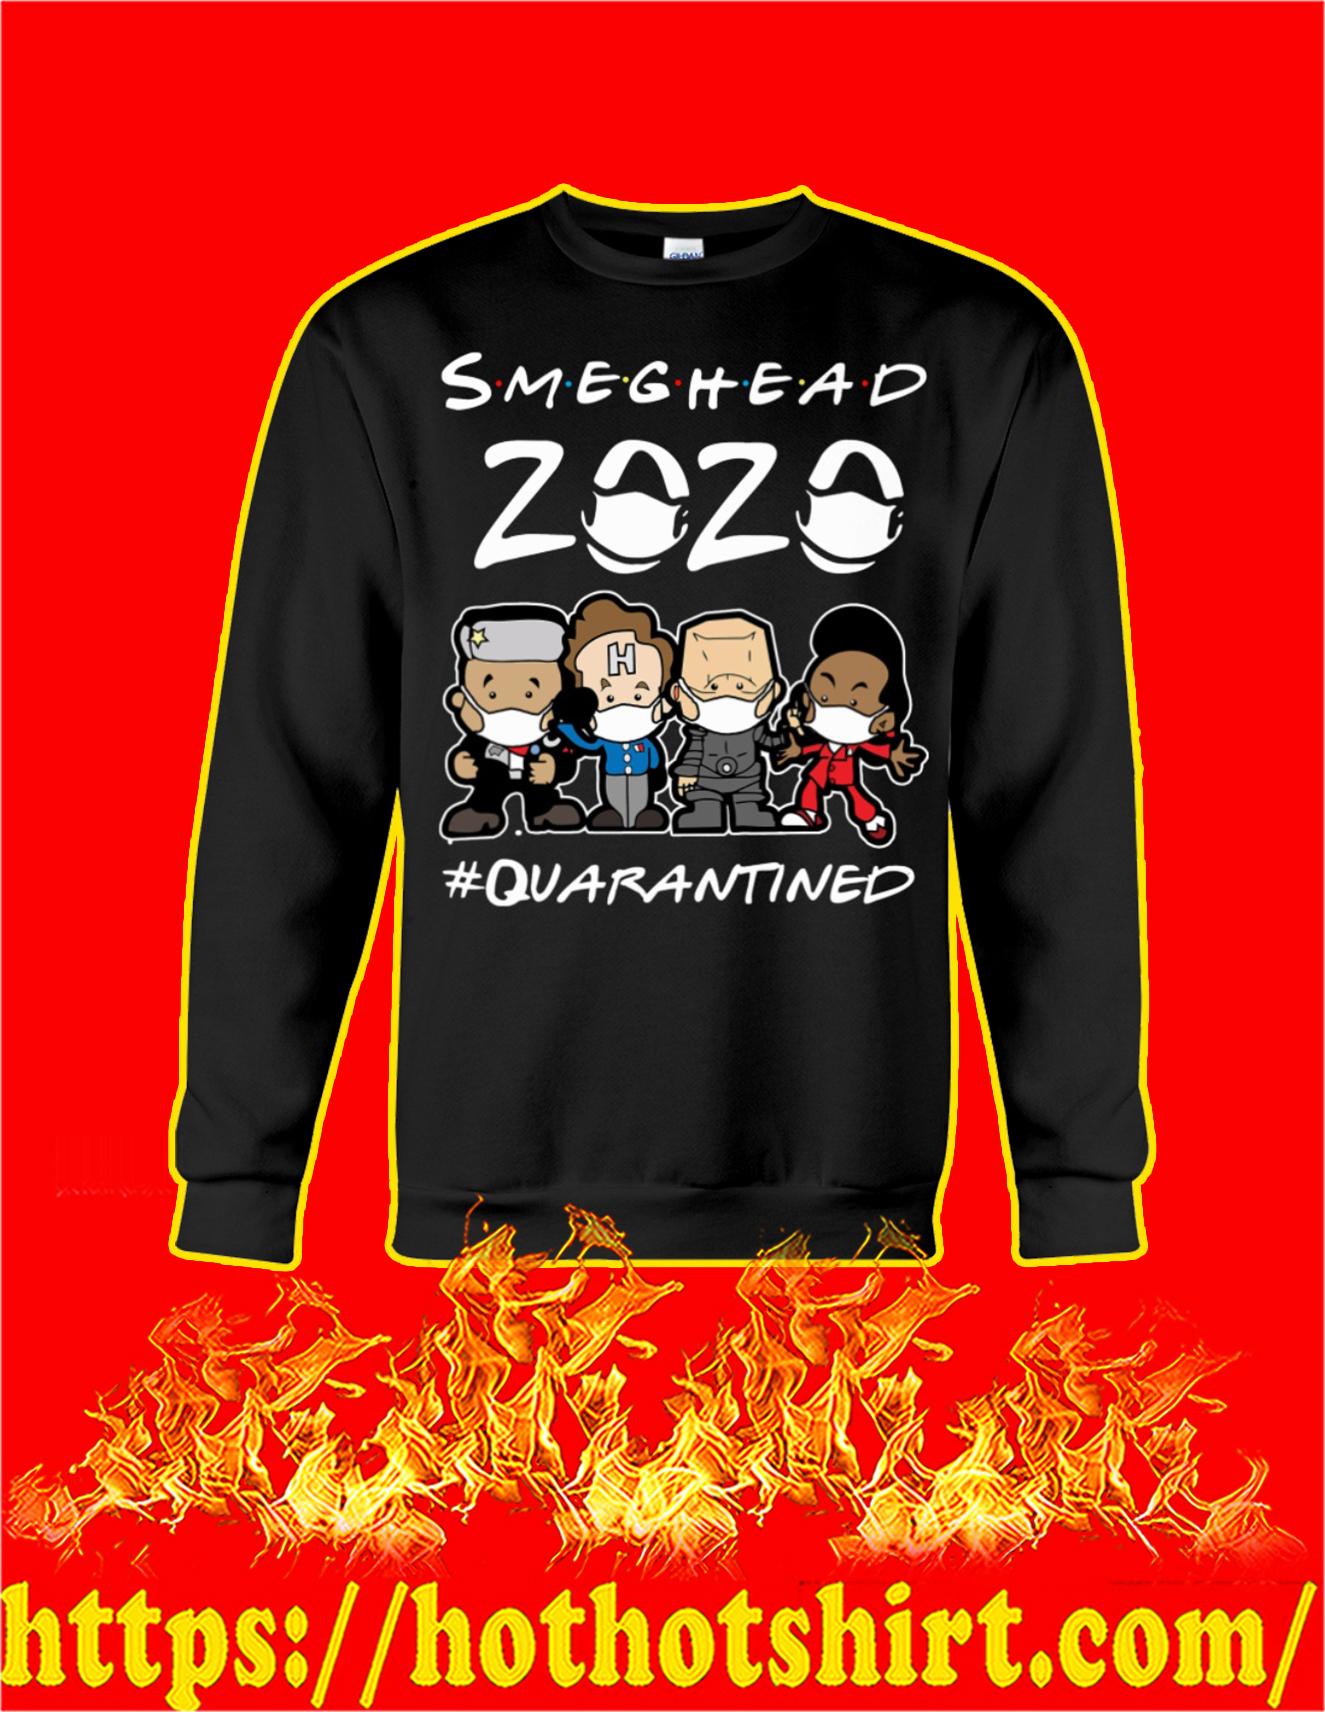 Smeghead 2020 quarantined sweatshirt